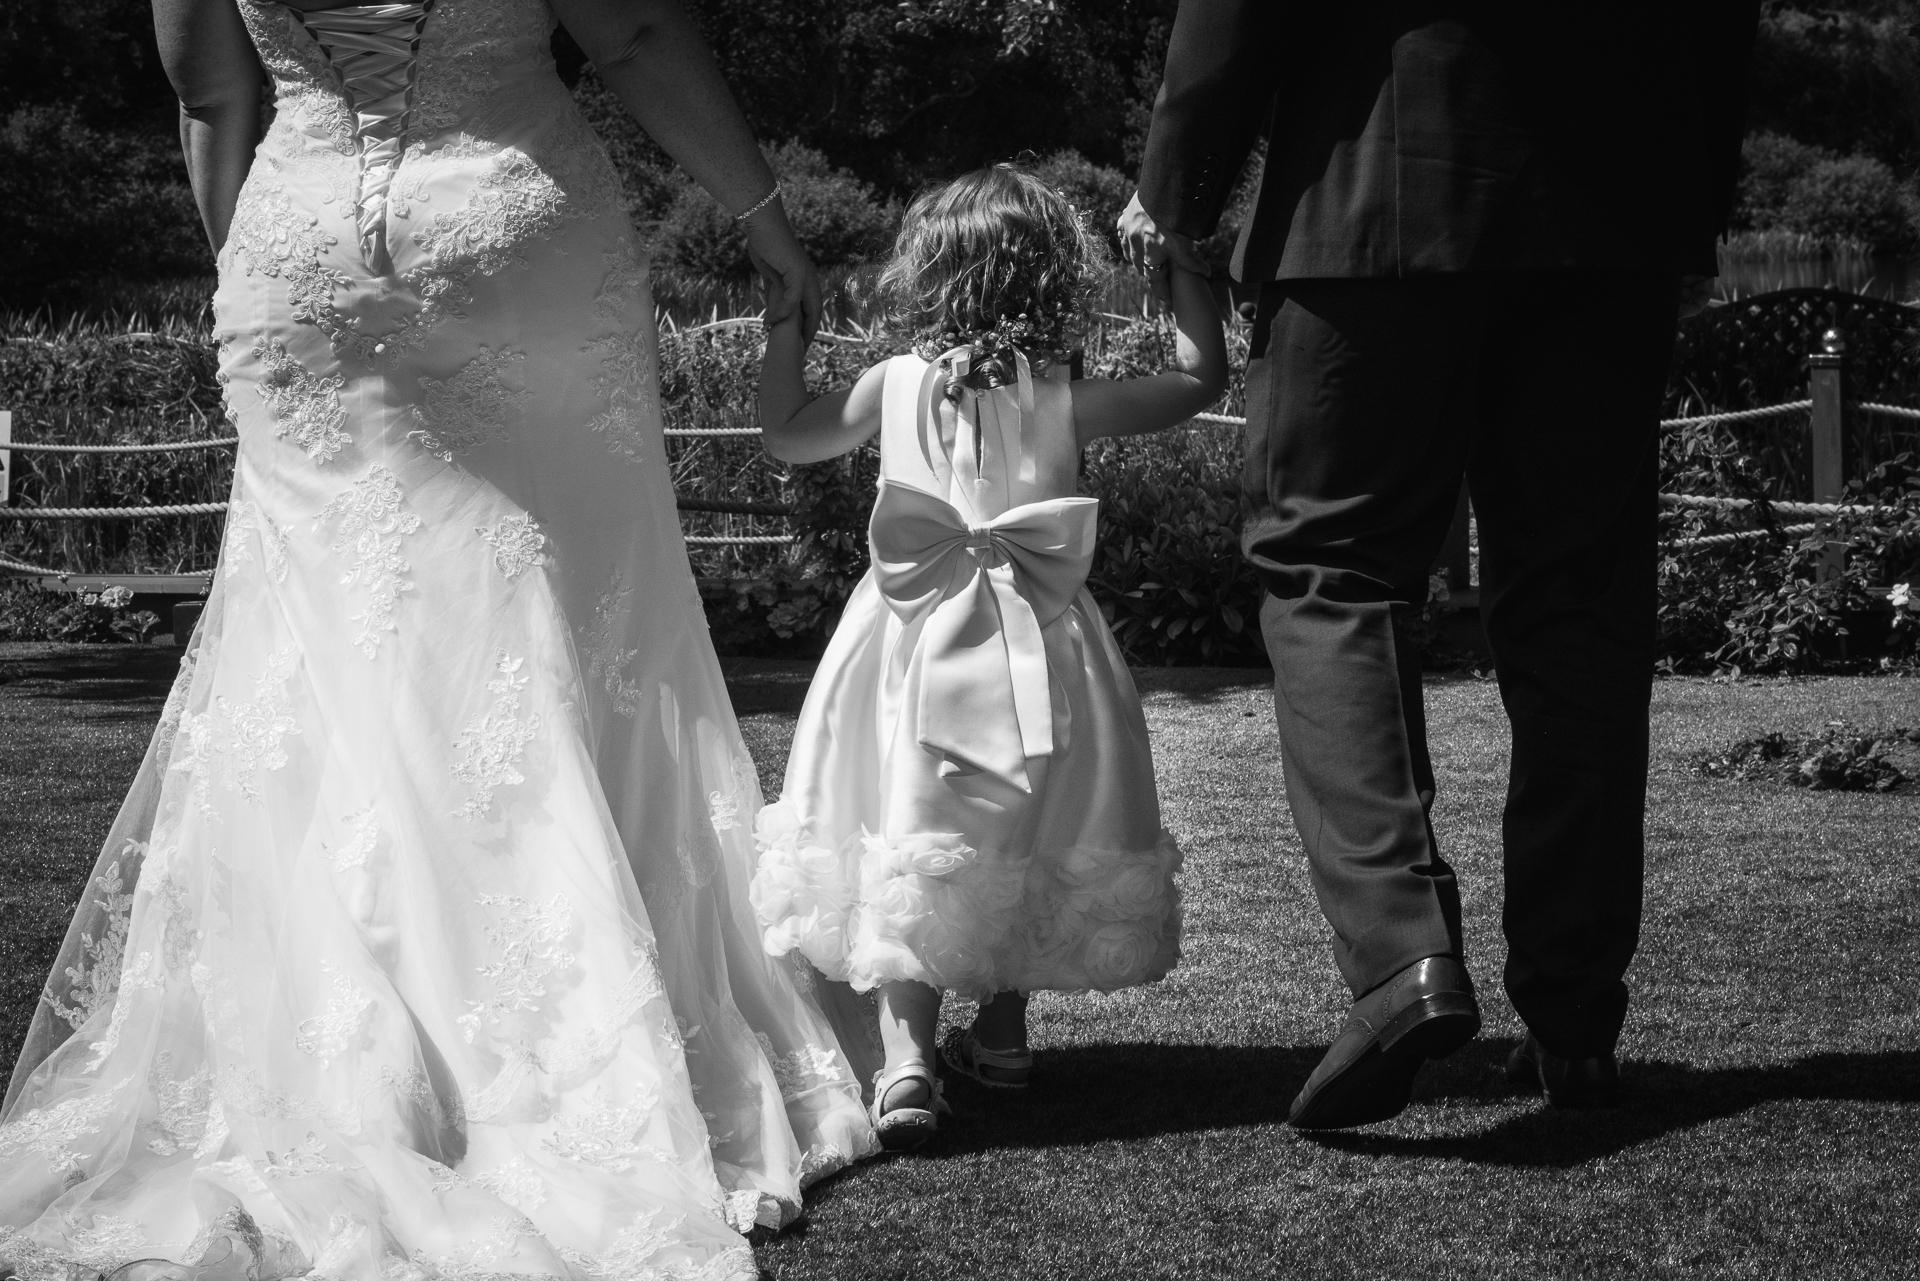 Frensham-Pond-Hotel-wedding_37.JPG